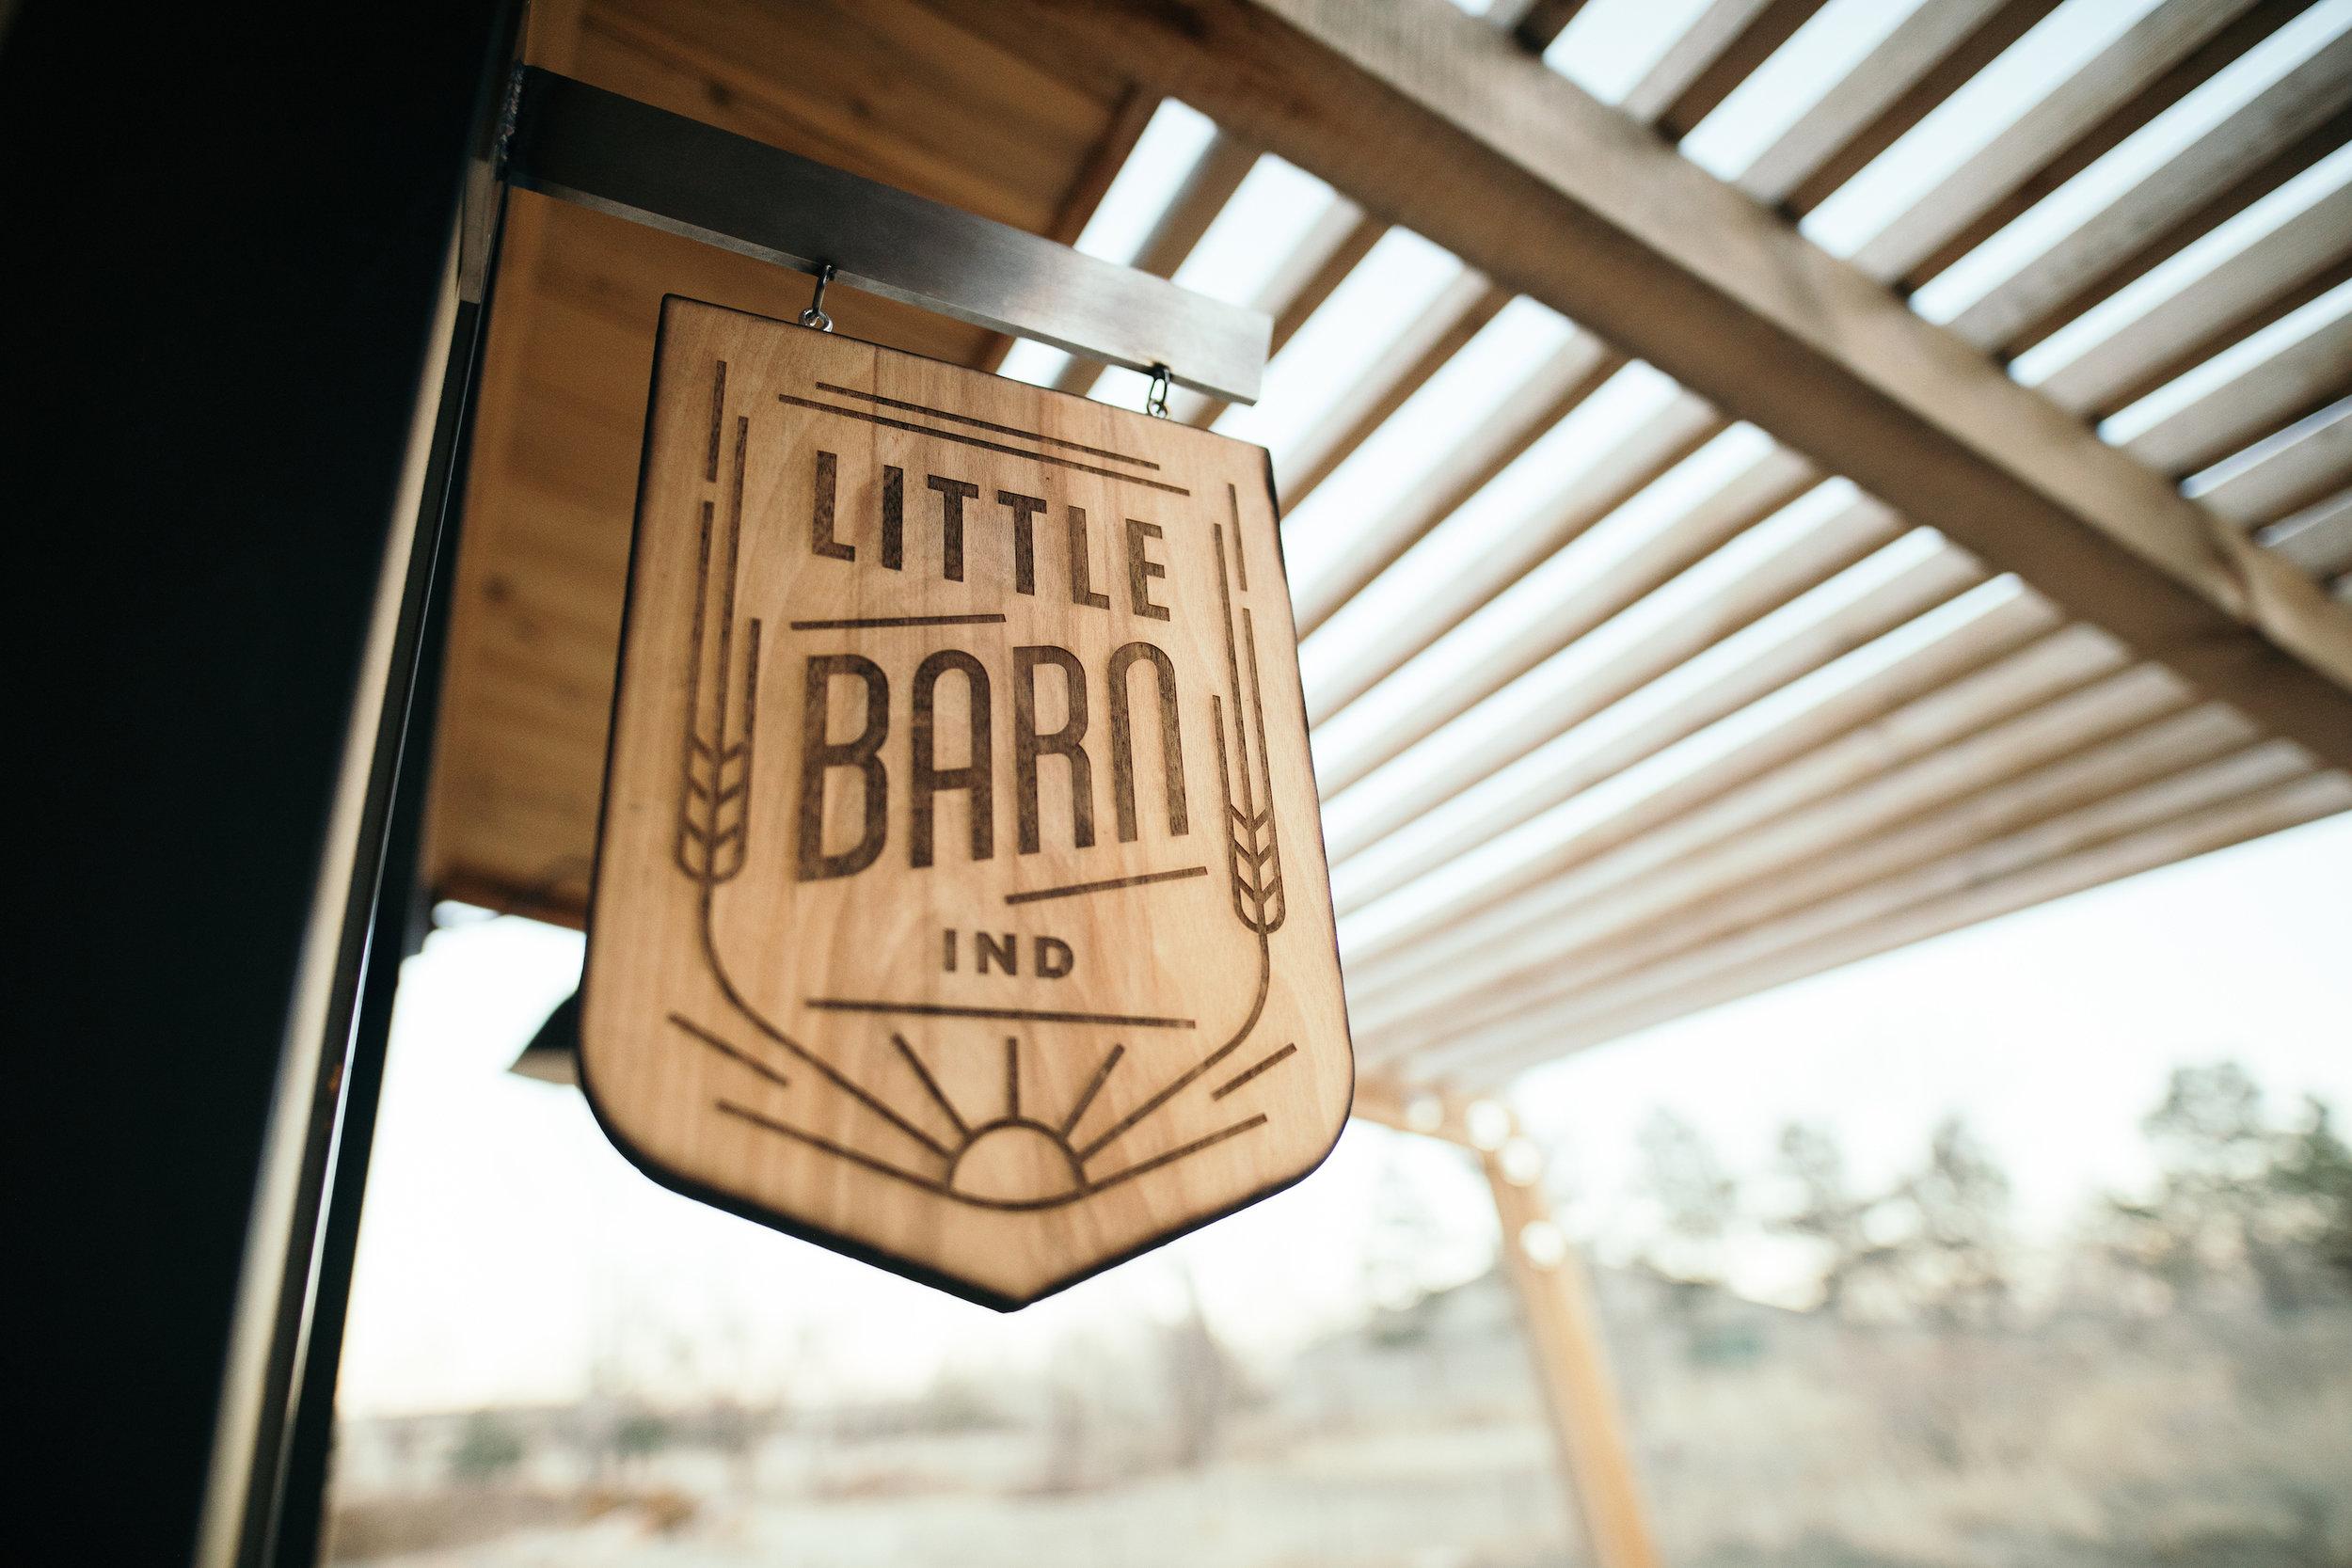 Little_Barn_sign.jpg